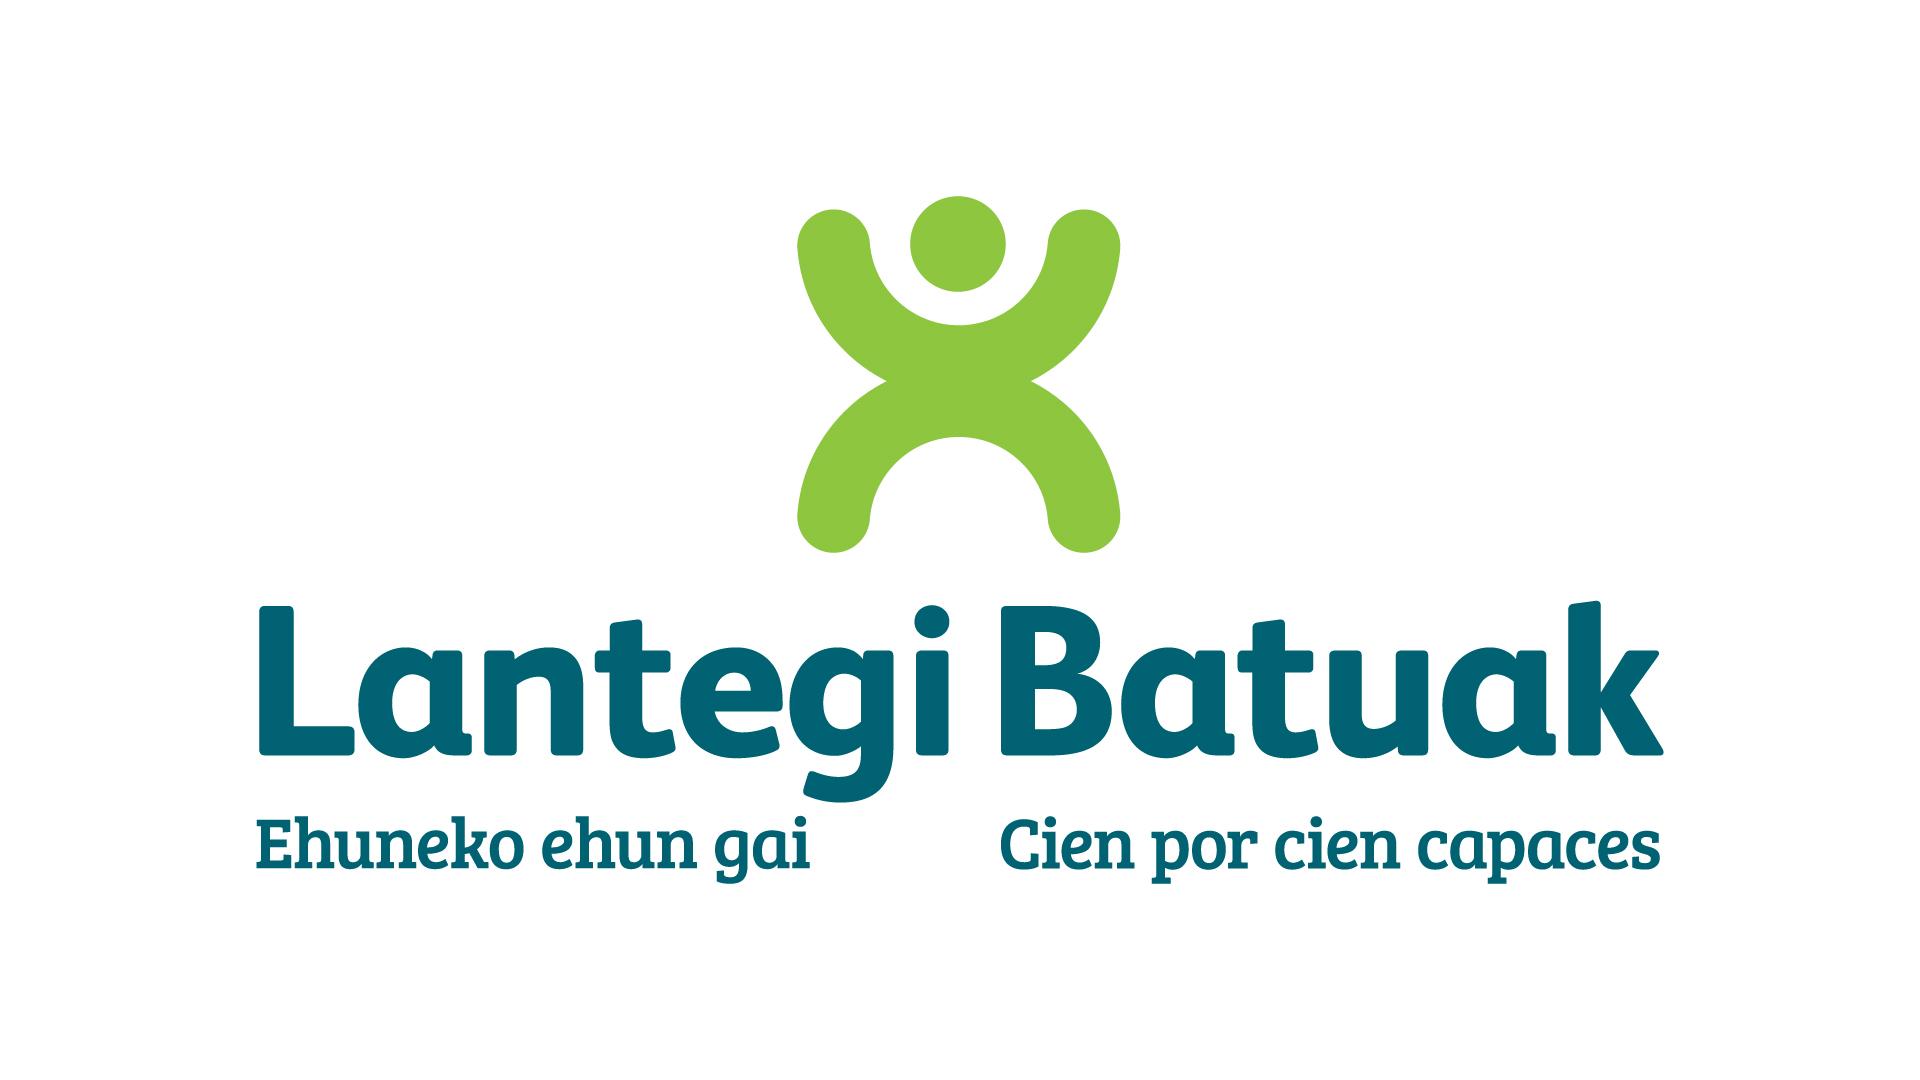 Nuevo logotipo Lantegi Batuak